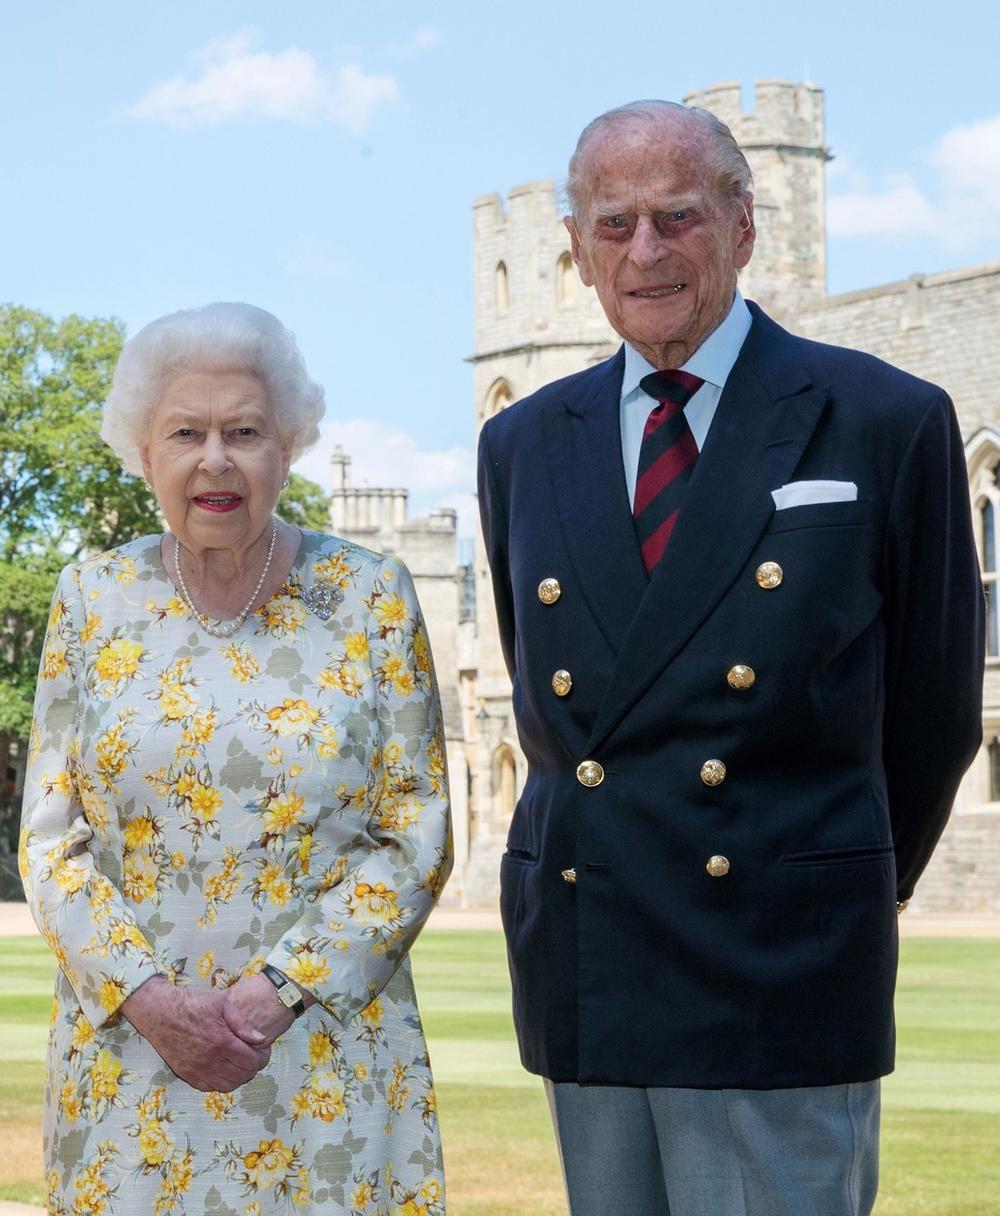 <p>Princ Filip, vojvoda od Edinbruga i suprug kraljice Elizabete, preminuo je 9. aprila 2021. godine, a članovi njegove porodice otkrili su neverovatne detalje o njemu u novom Bi-bi-sijevom dokumentarcu.</p>